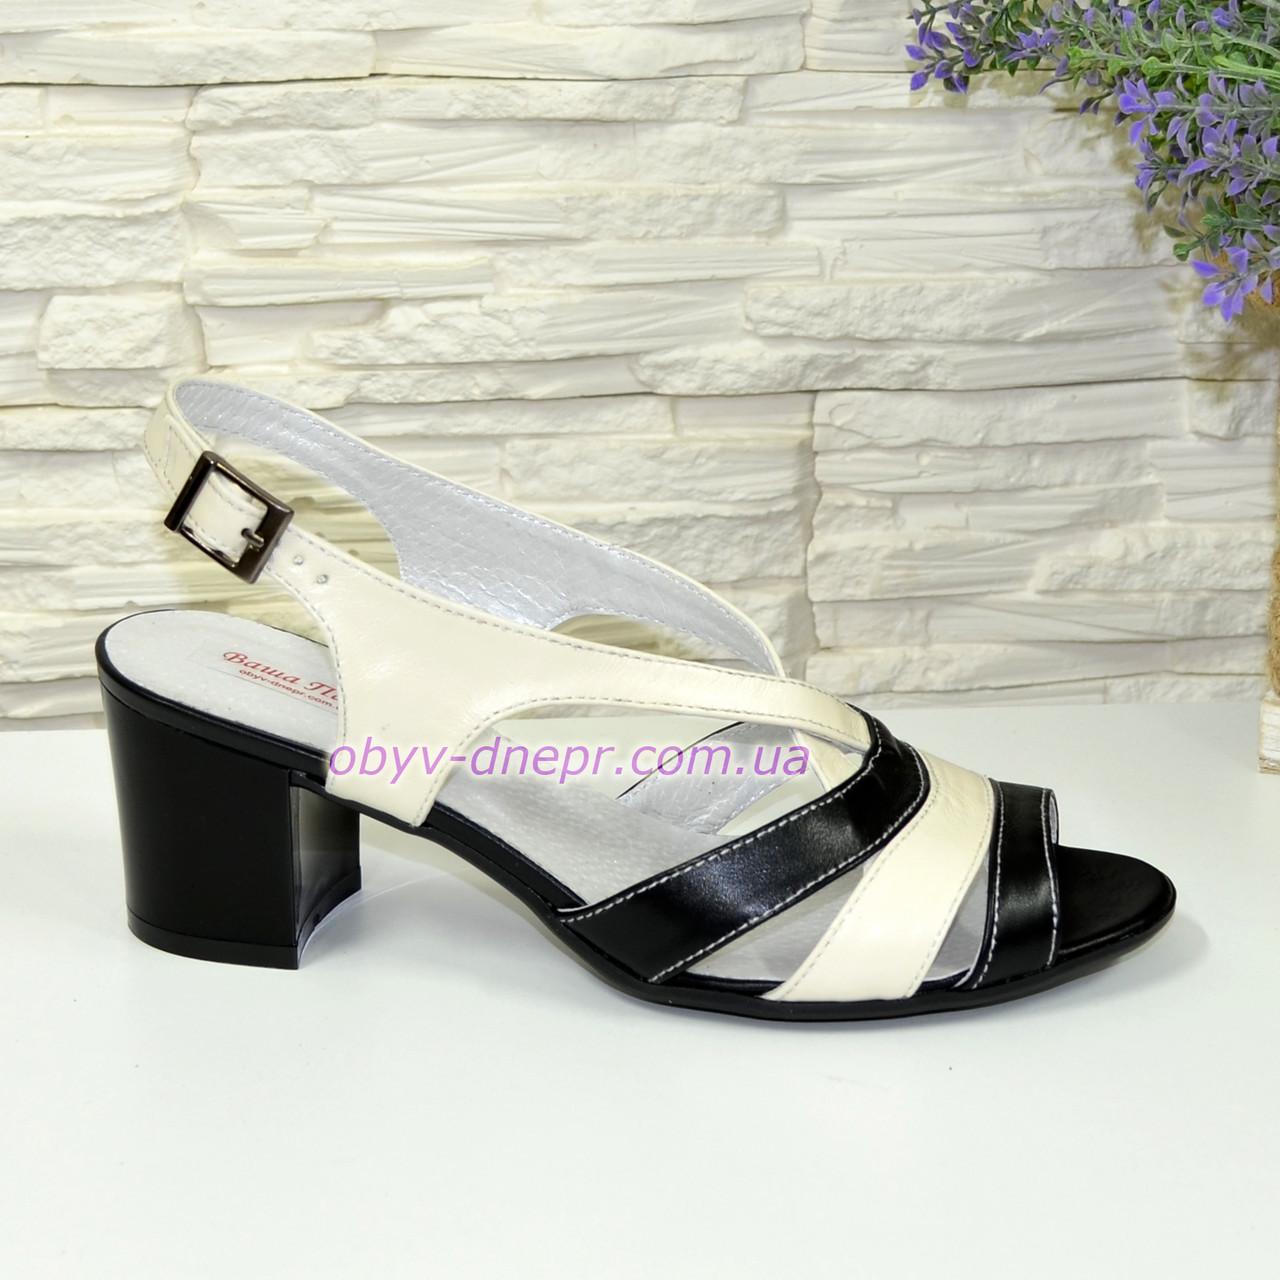 Женские кожаные босоножки на устойчивом каблуке. Цвет черный и бежевый. 37  размер 2bb6d5ed00bff